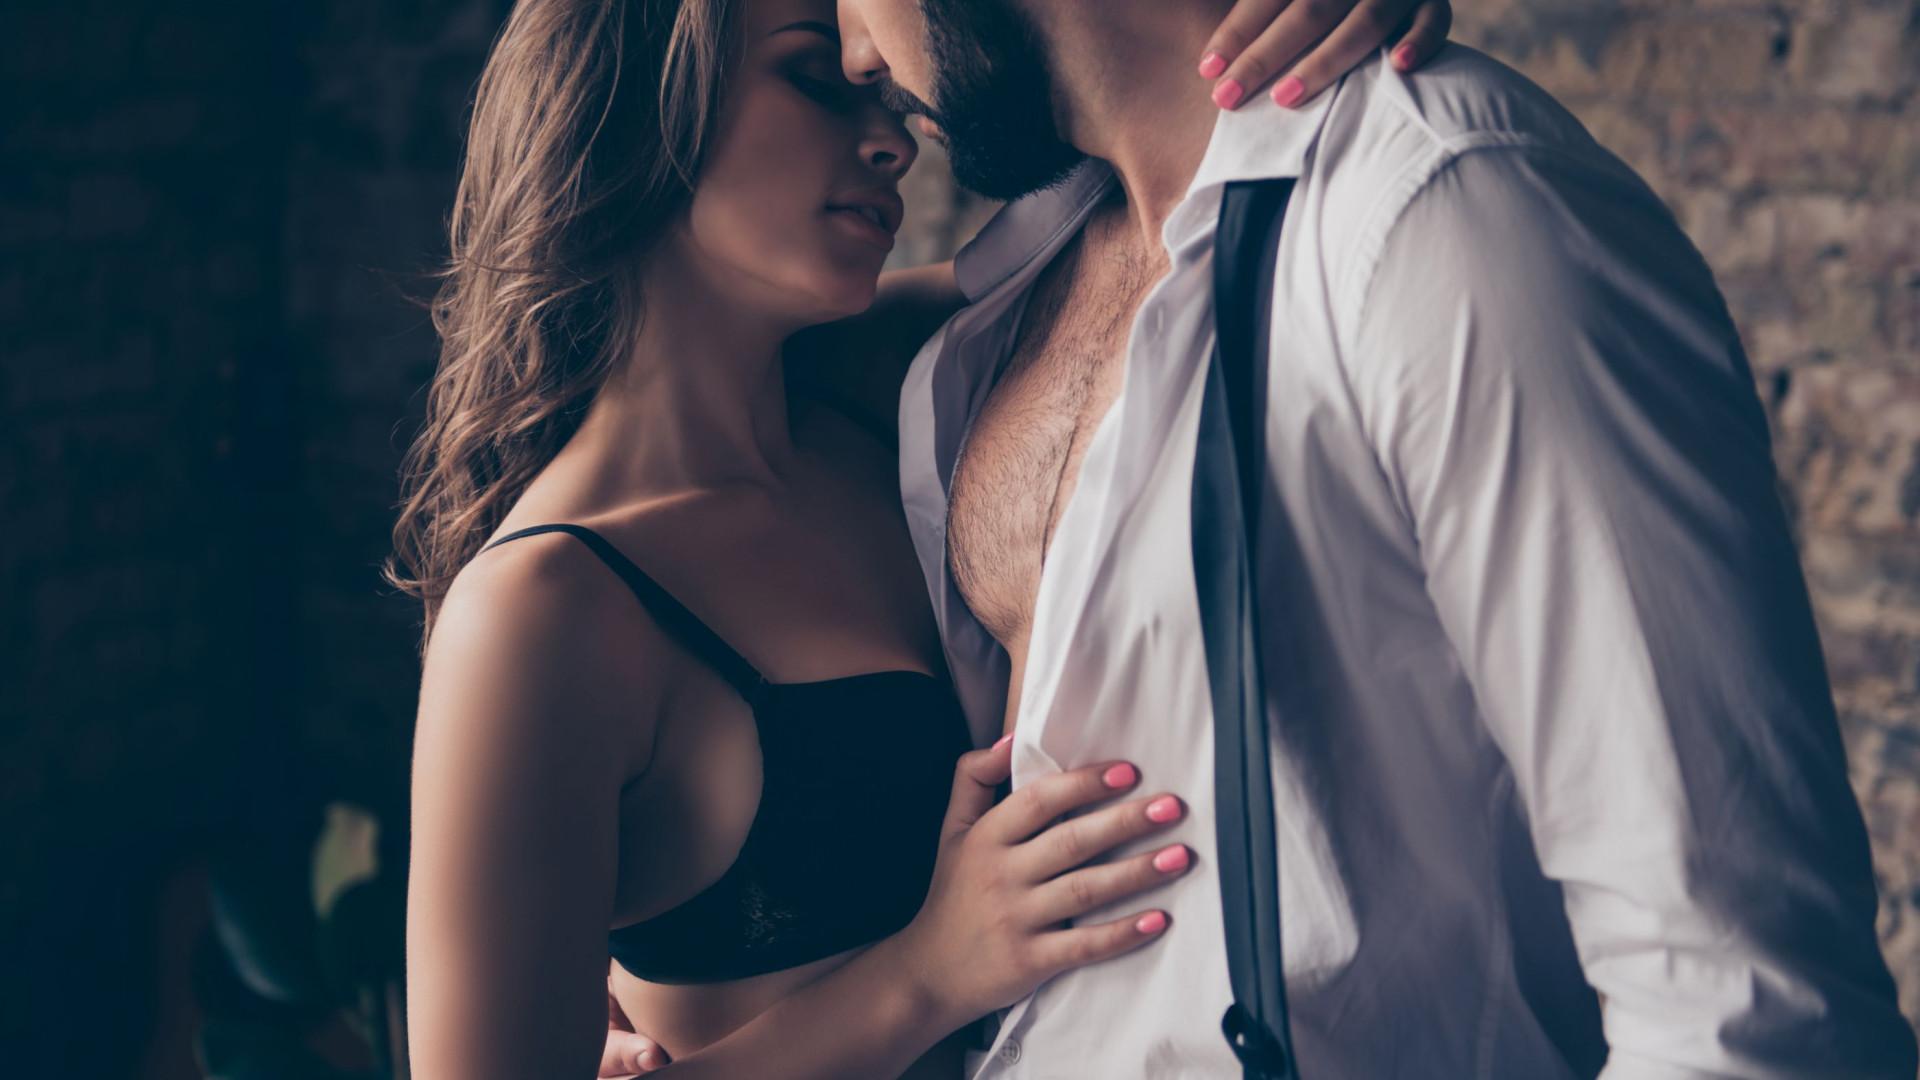 O leitor perguntou: Será que a duração do ato sexual tem importância?